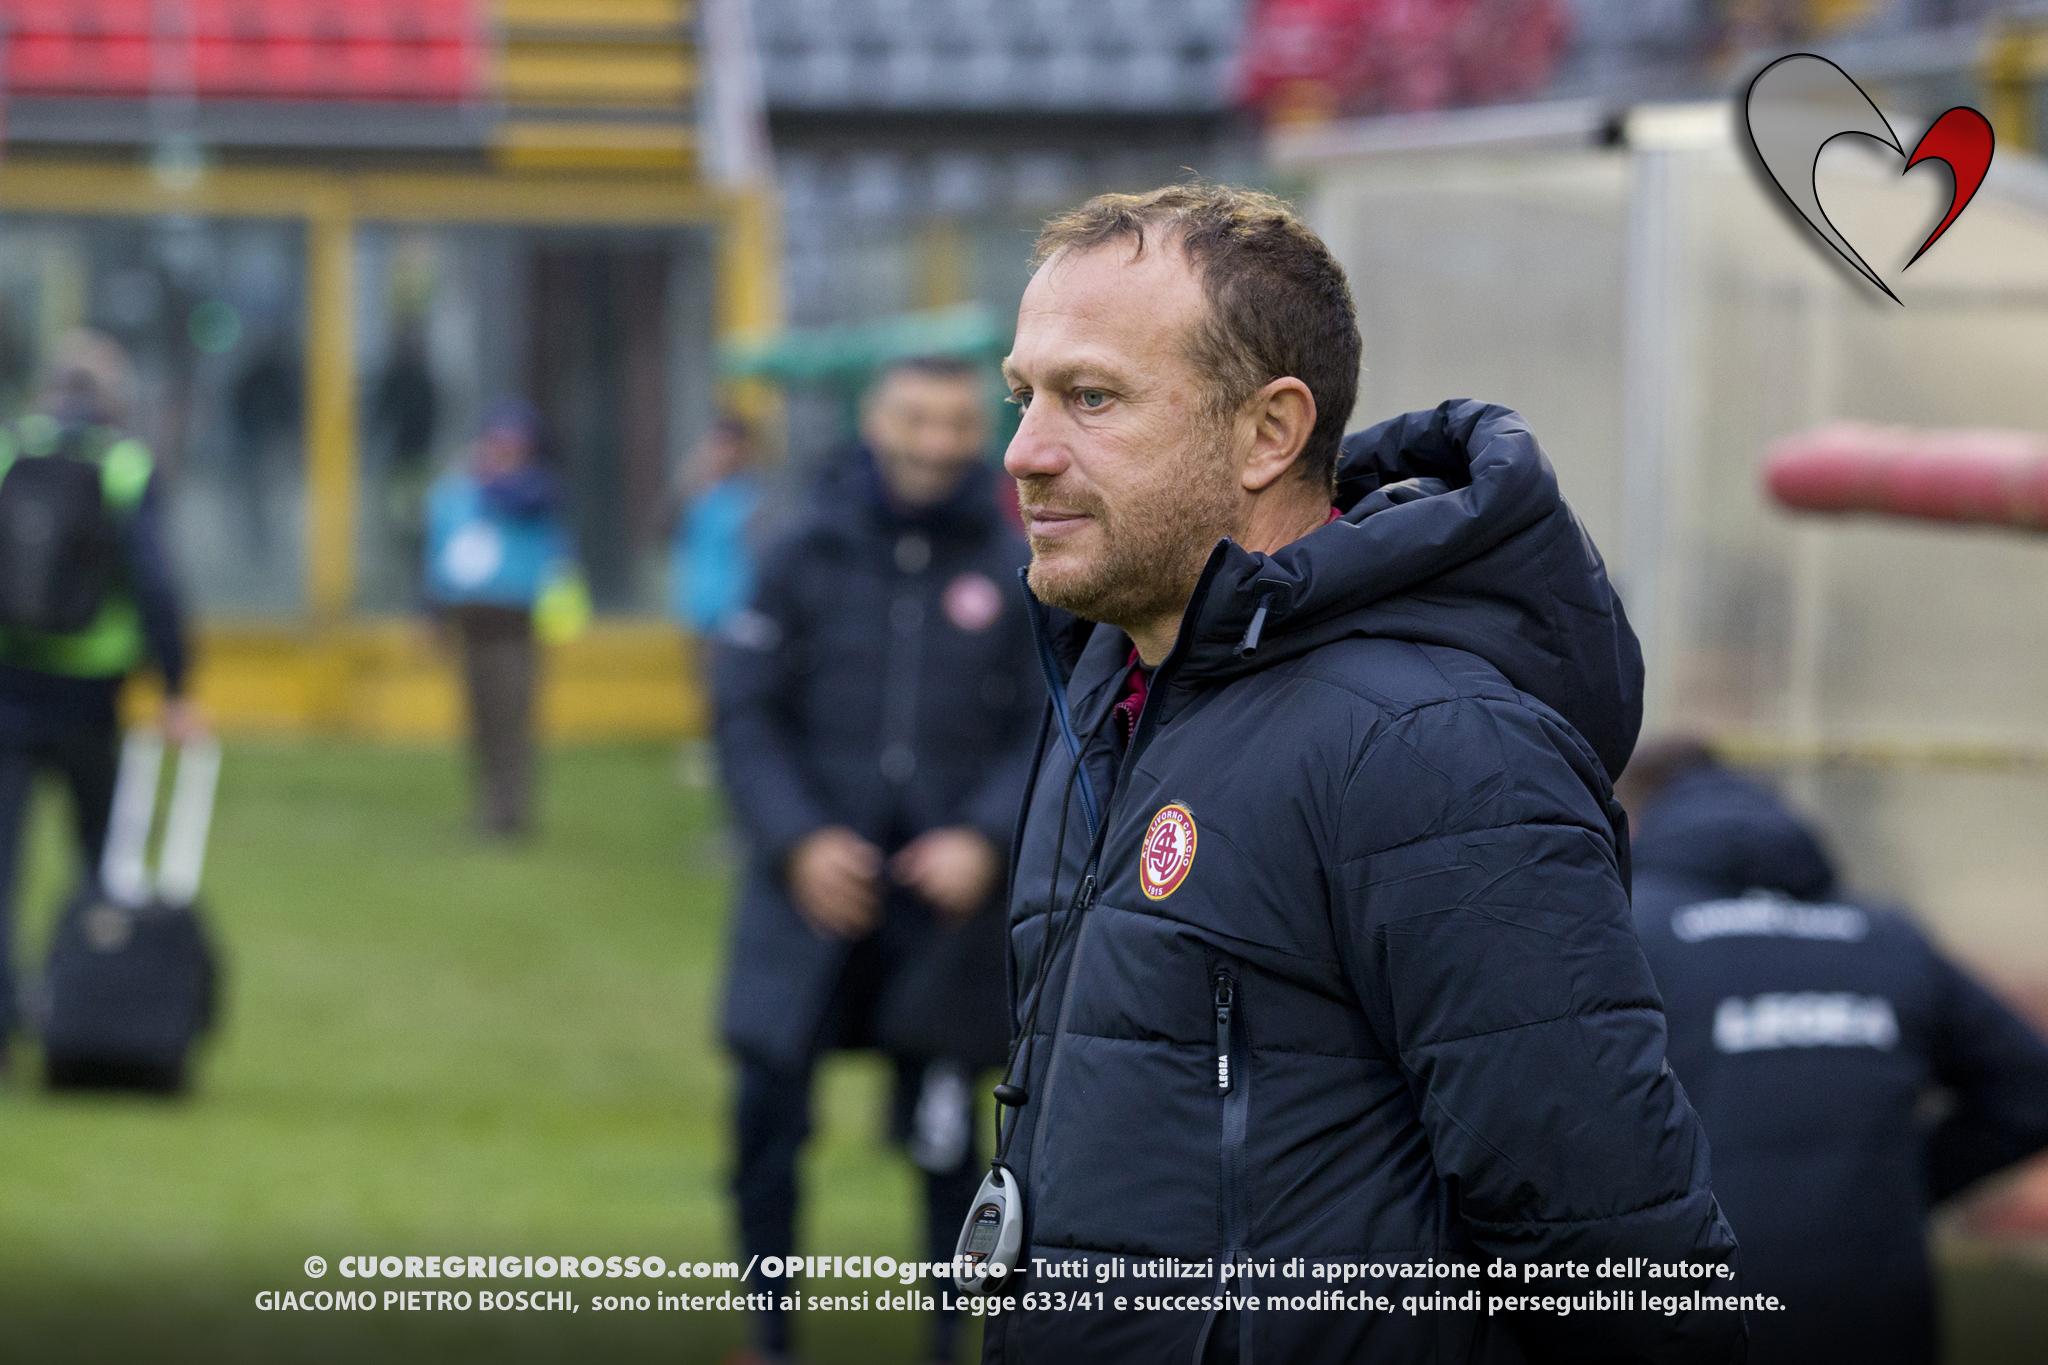 Serie B, ufficiale l'esonero di mister Breda al Livorno